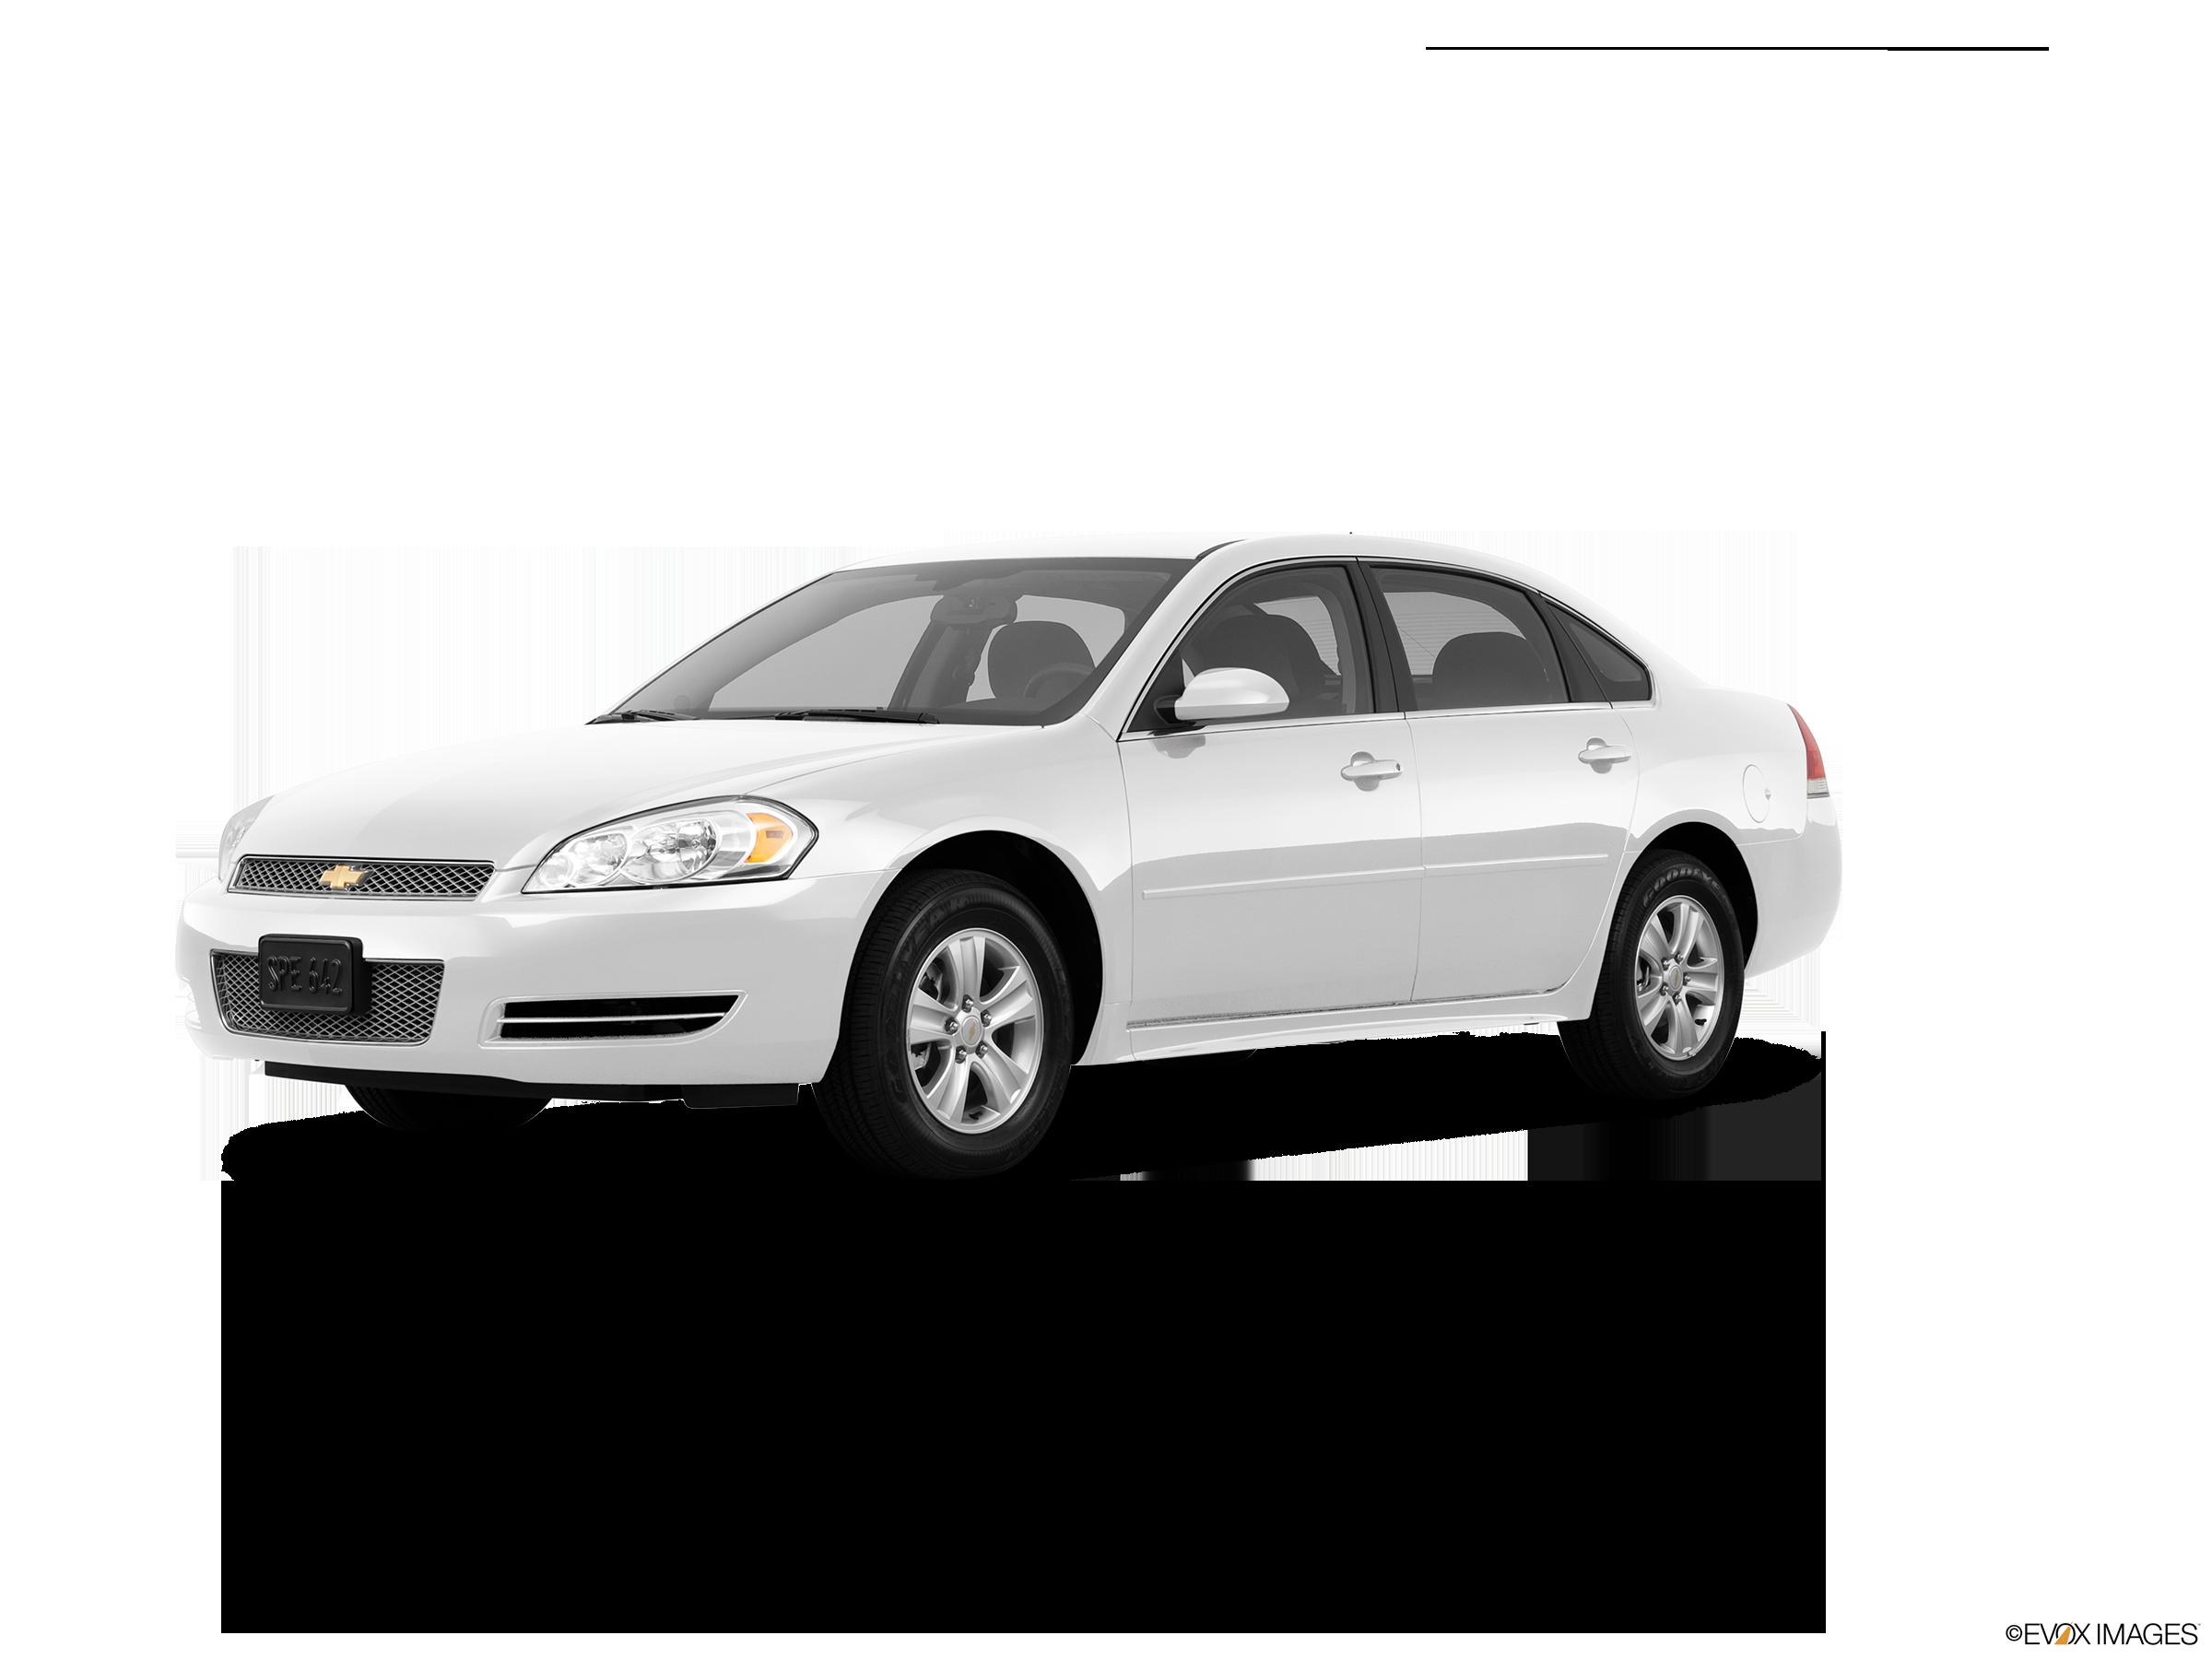 Kelebihan Kekurangan Impala Spesifikasi